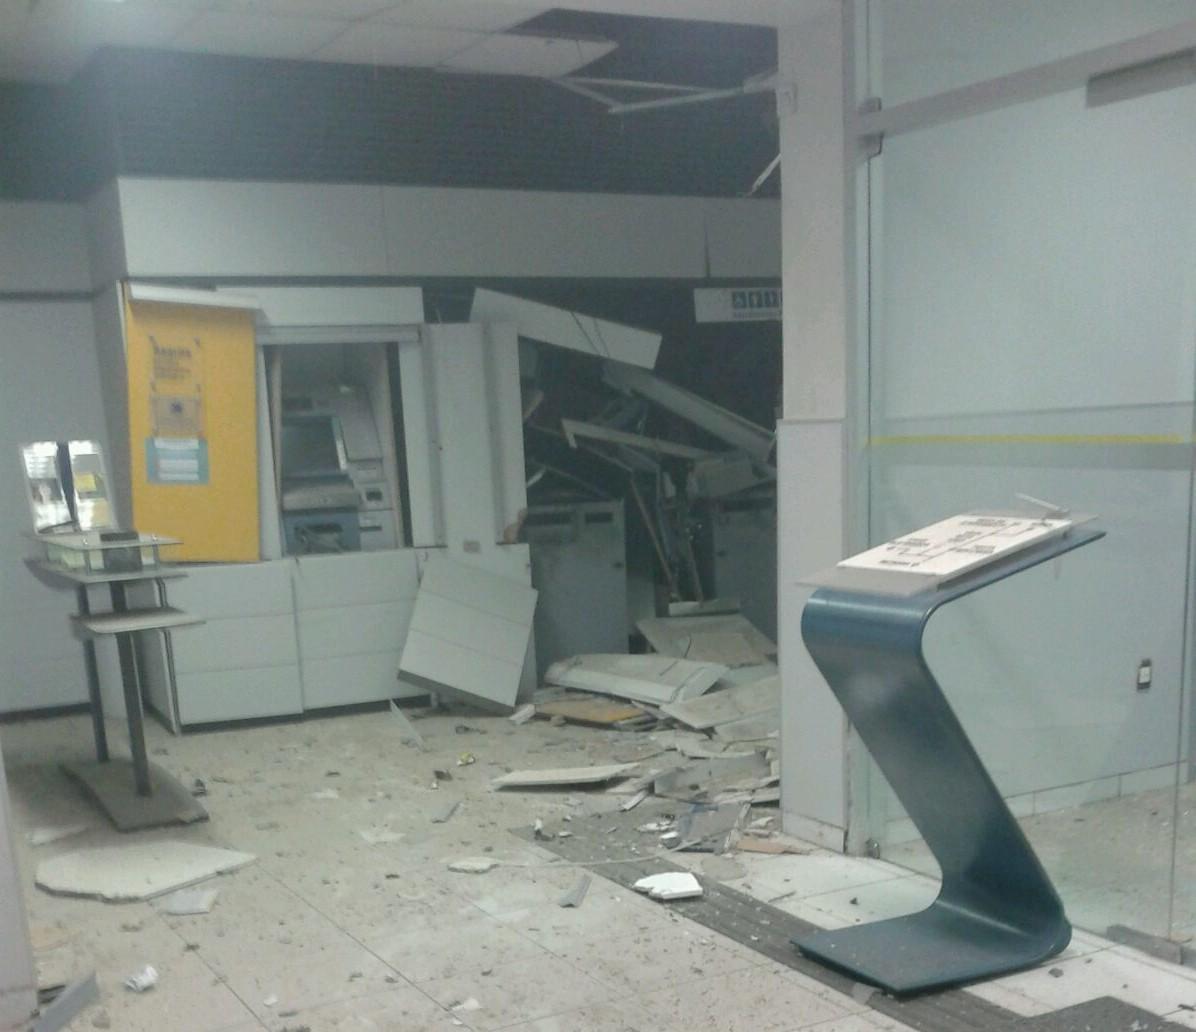 Caixas eletrônicos foram explodidos e bandidos levaram dinheiro